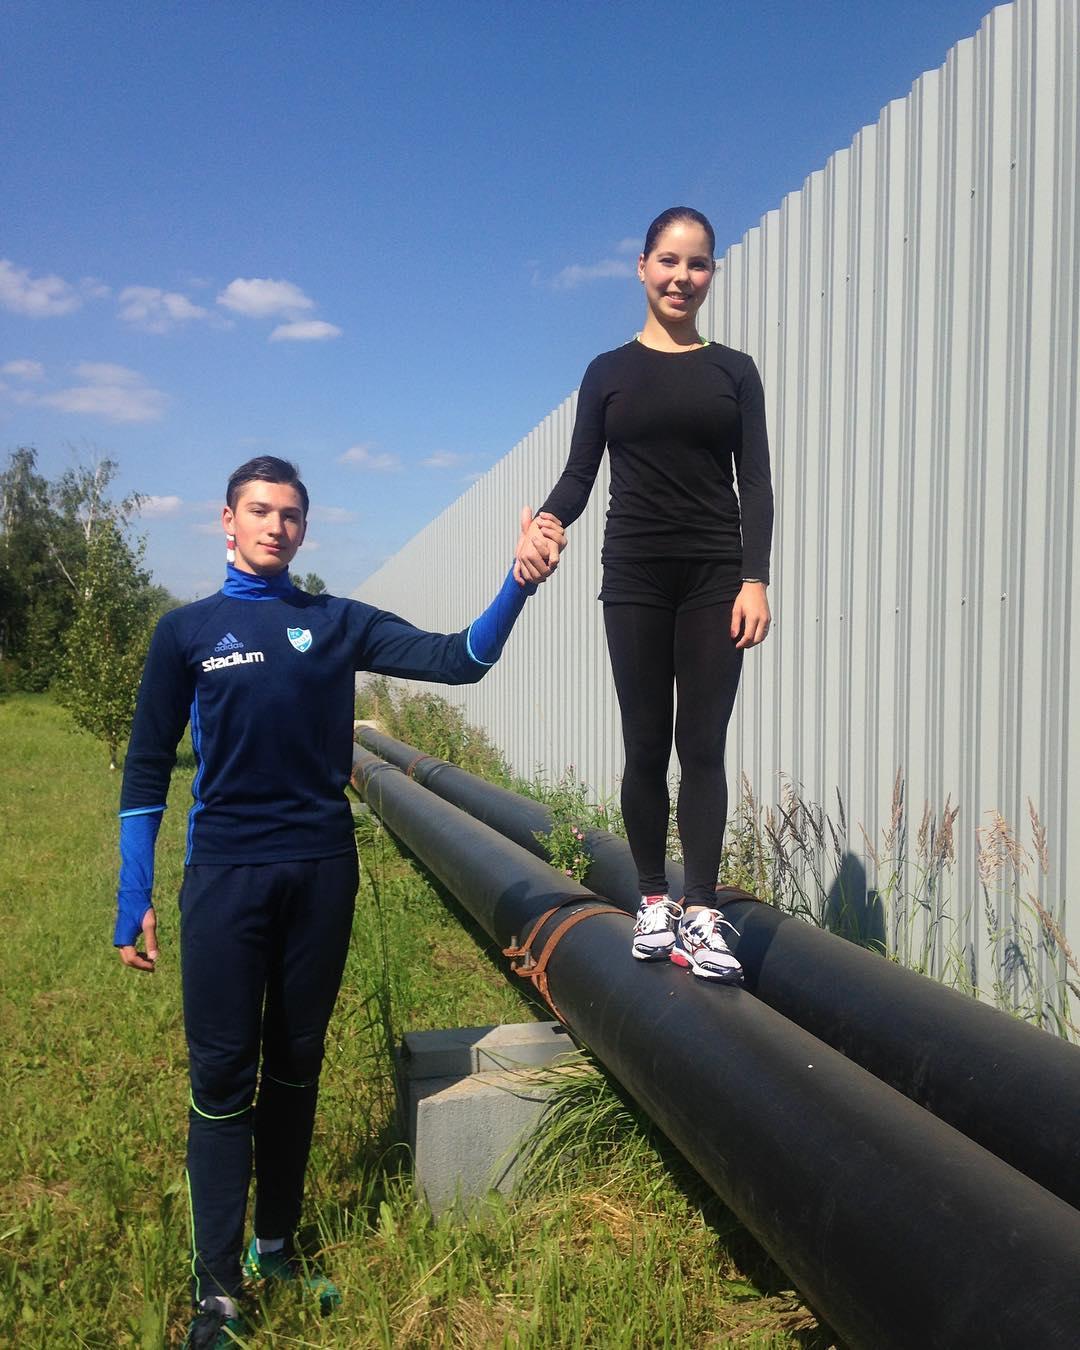 Группа Великовых - СДЮШОР, Академия фигурного катания (Санкт-Петербург) - Страница 5 La9cSNWgHKw